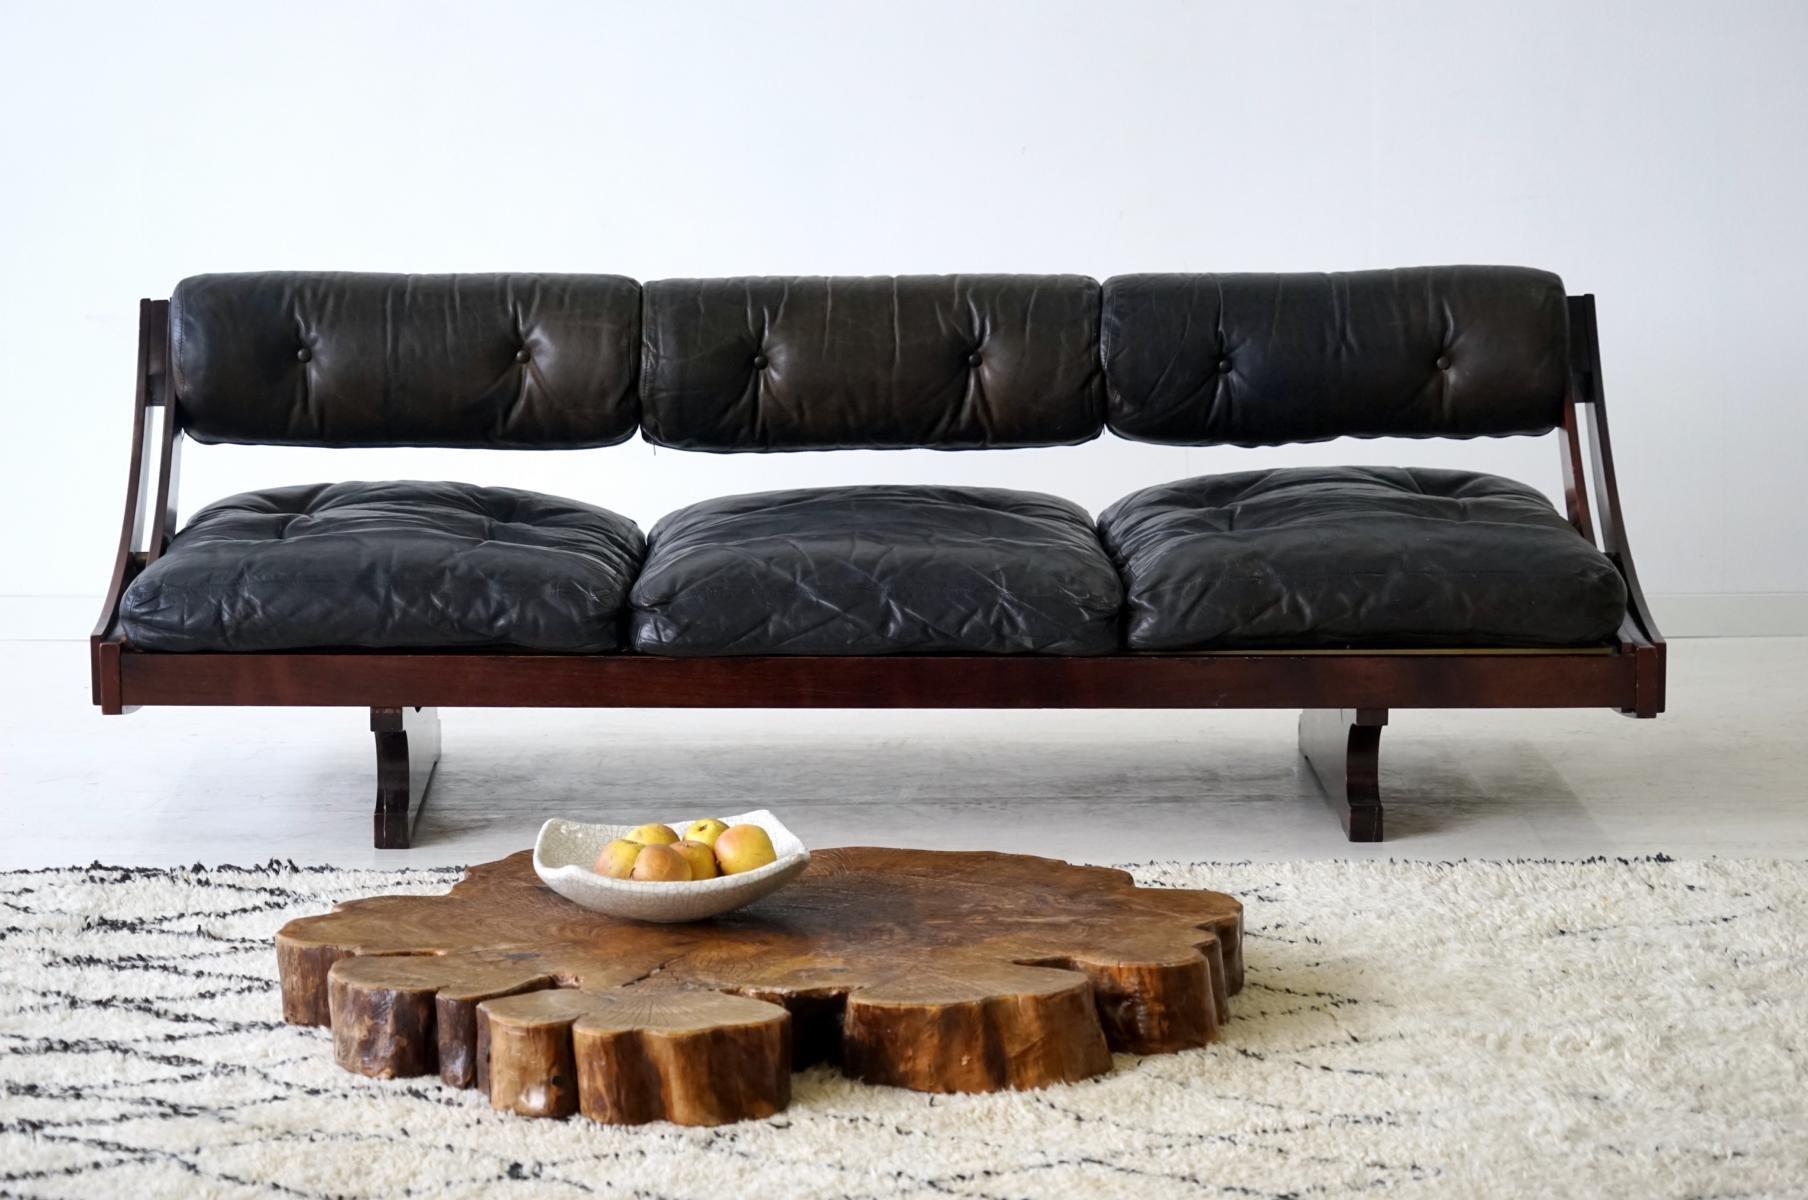 Mobel Stumpp Sofa 16 Mobel Stumpp Stockach Offnungszeiten